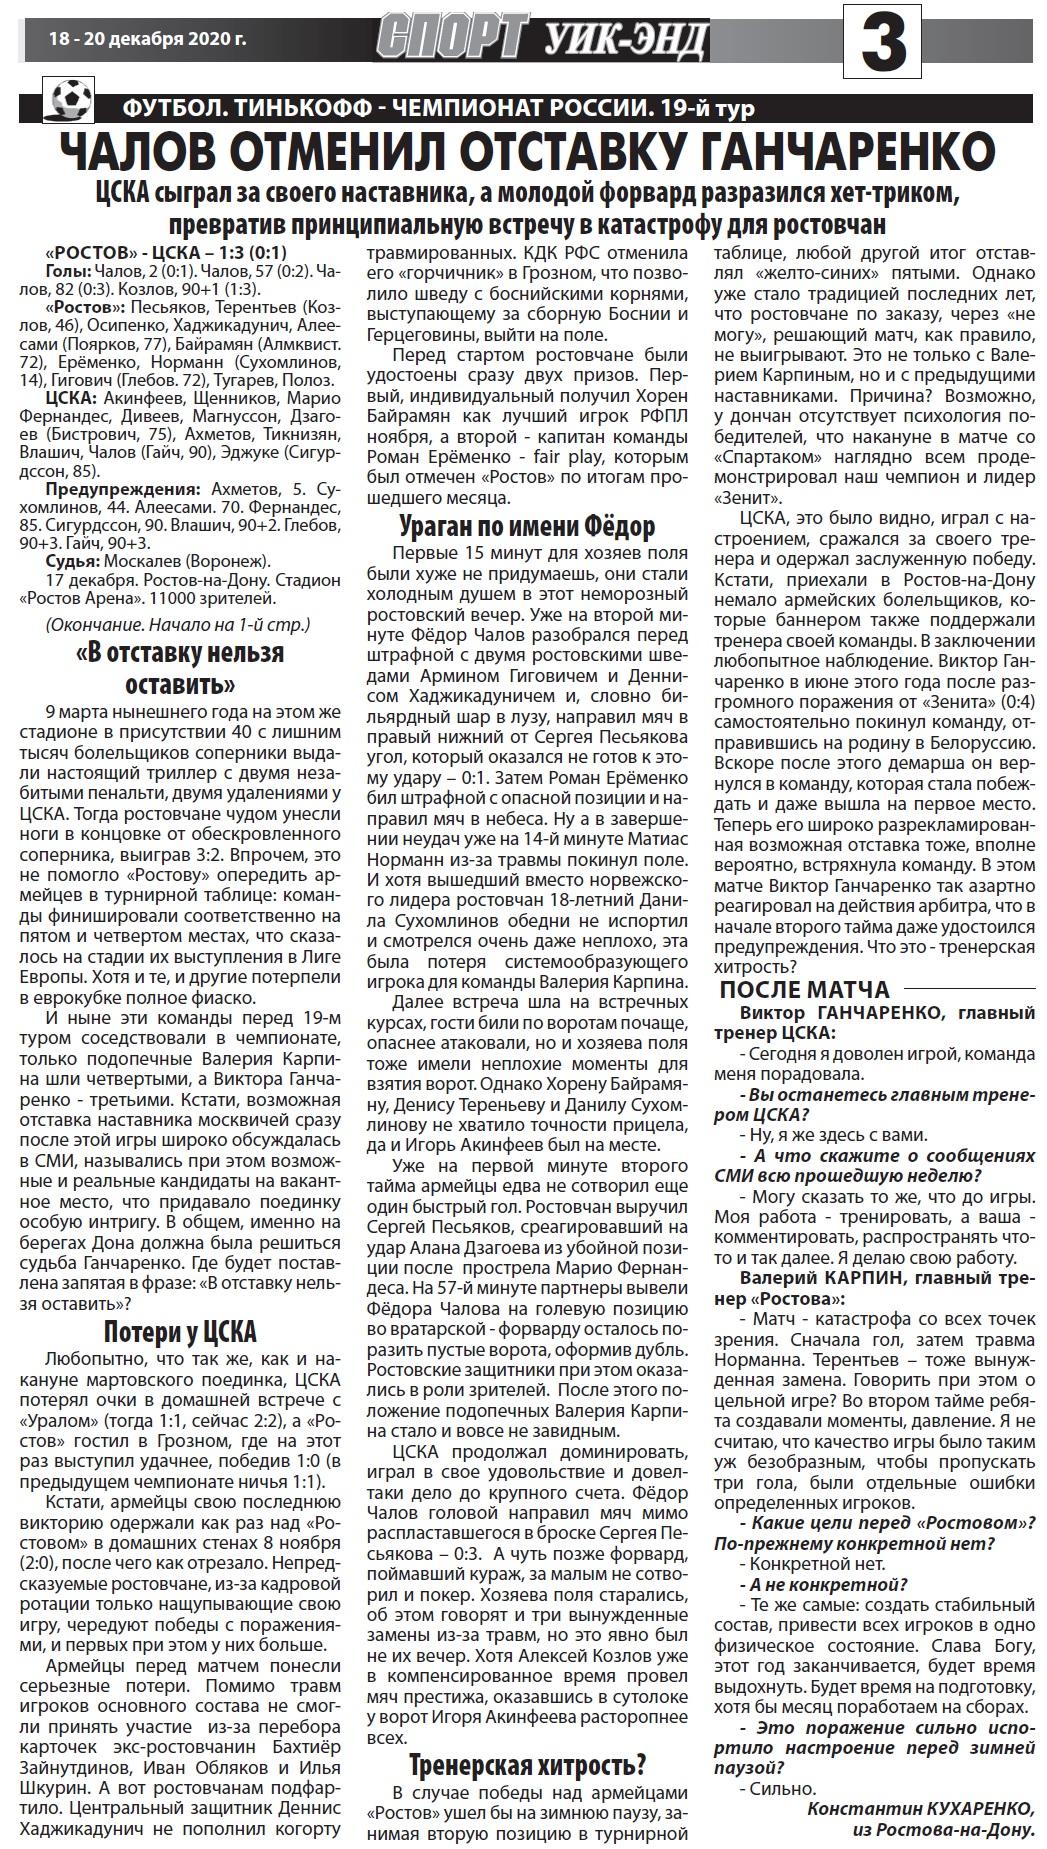 Ростов (Ростов-на-Дону) - ЦСКА (Москва) 1:3. Нажмите, чтобы посмотреть истинный размер рисунка